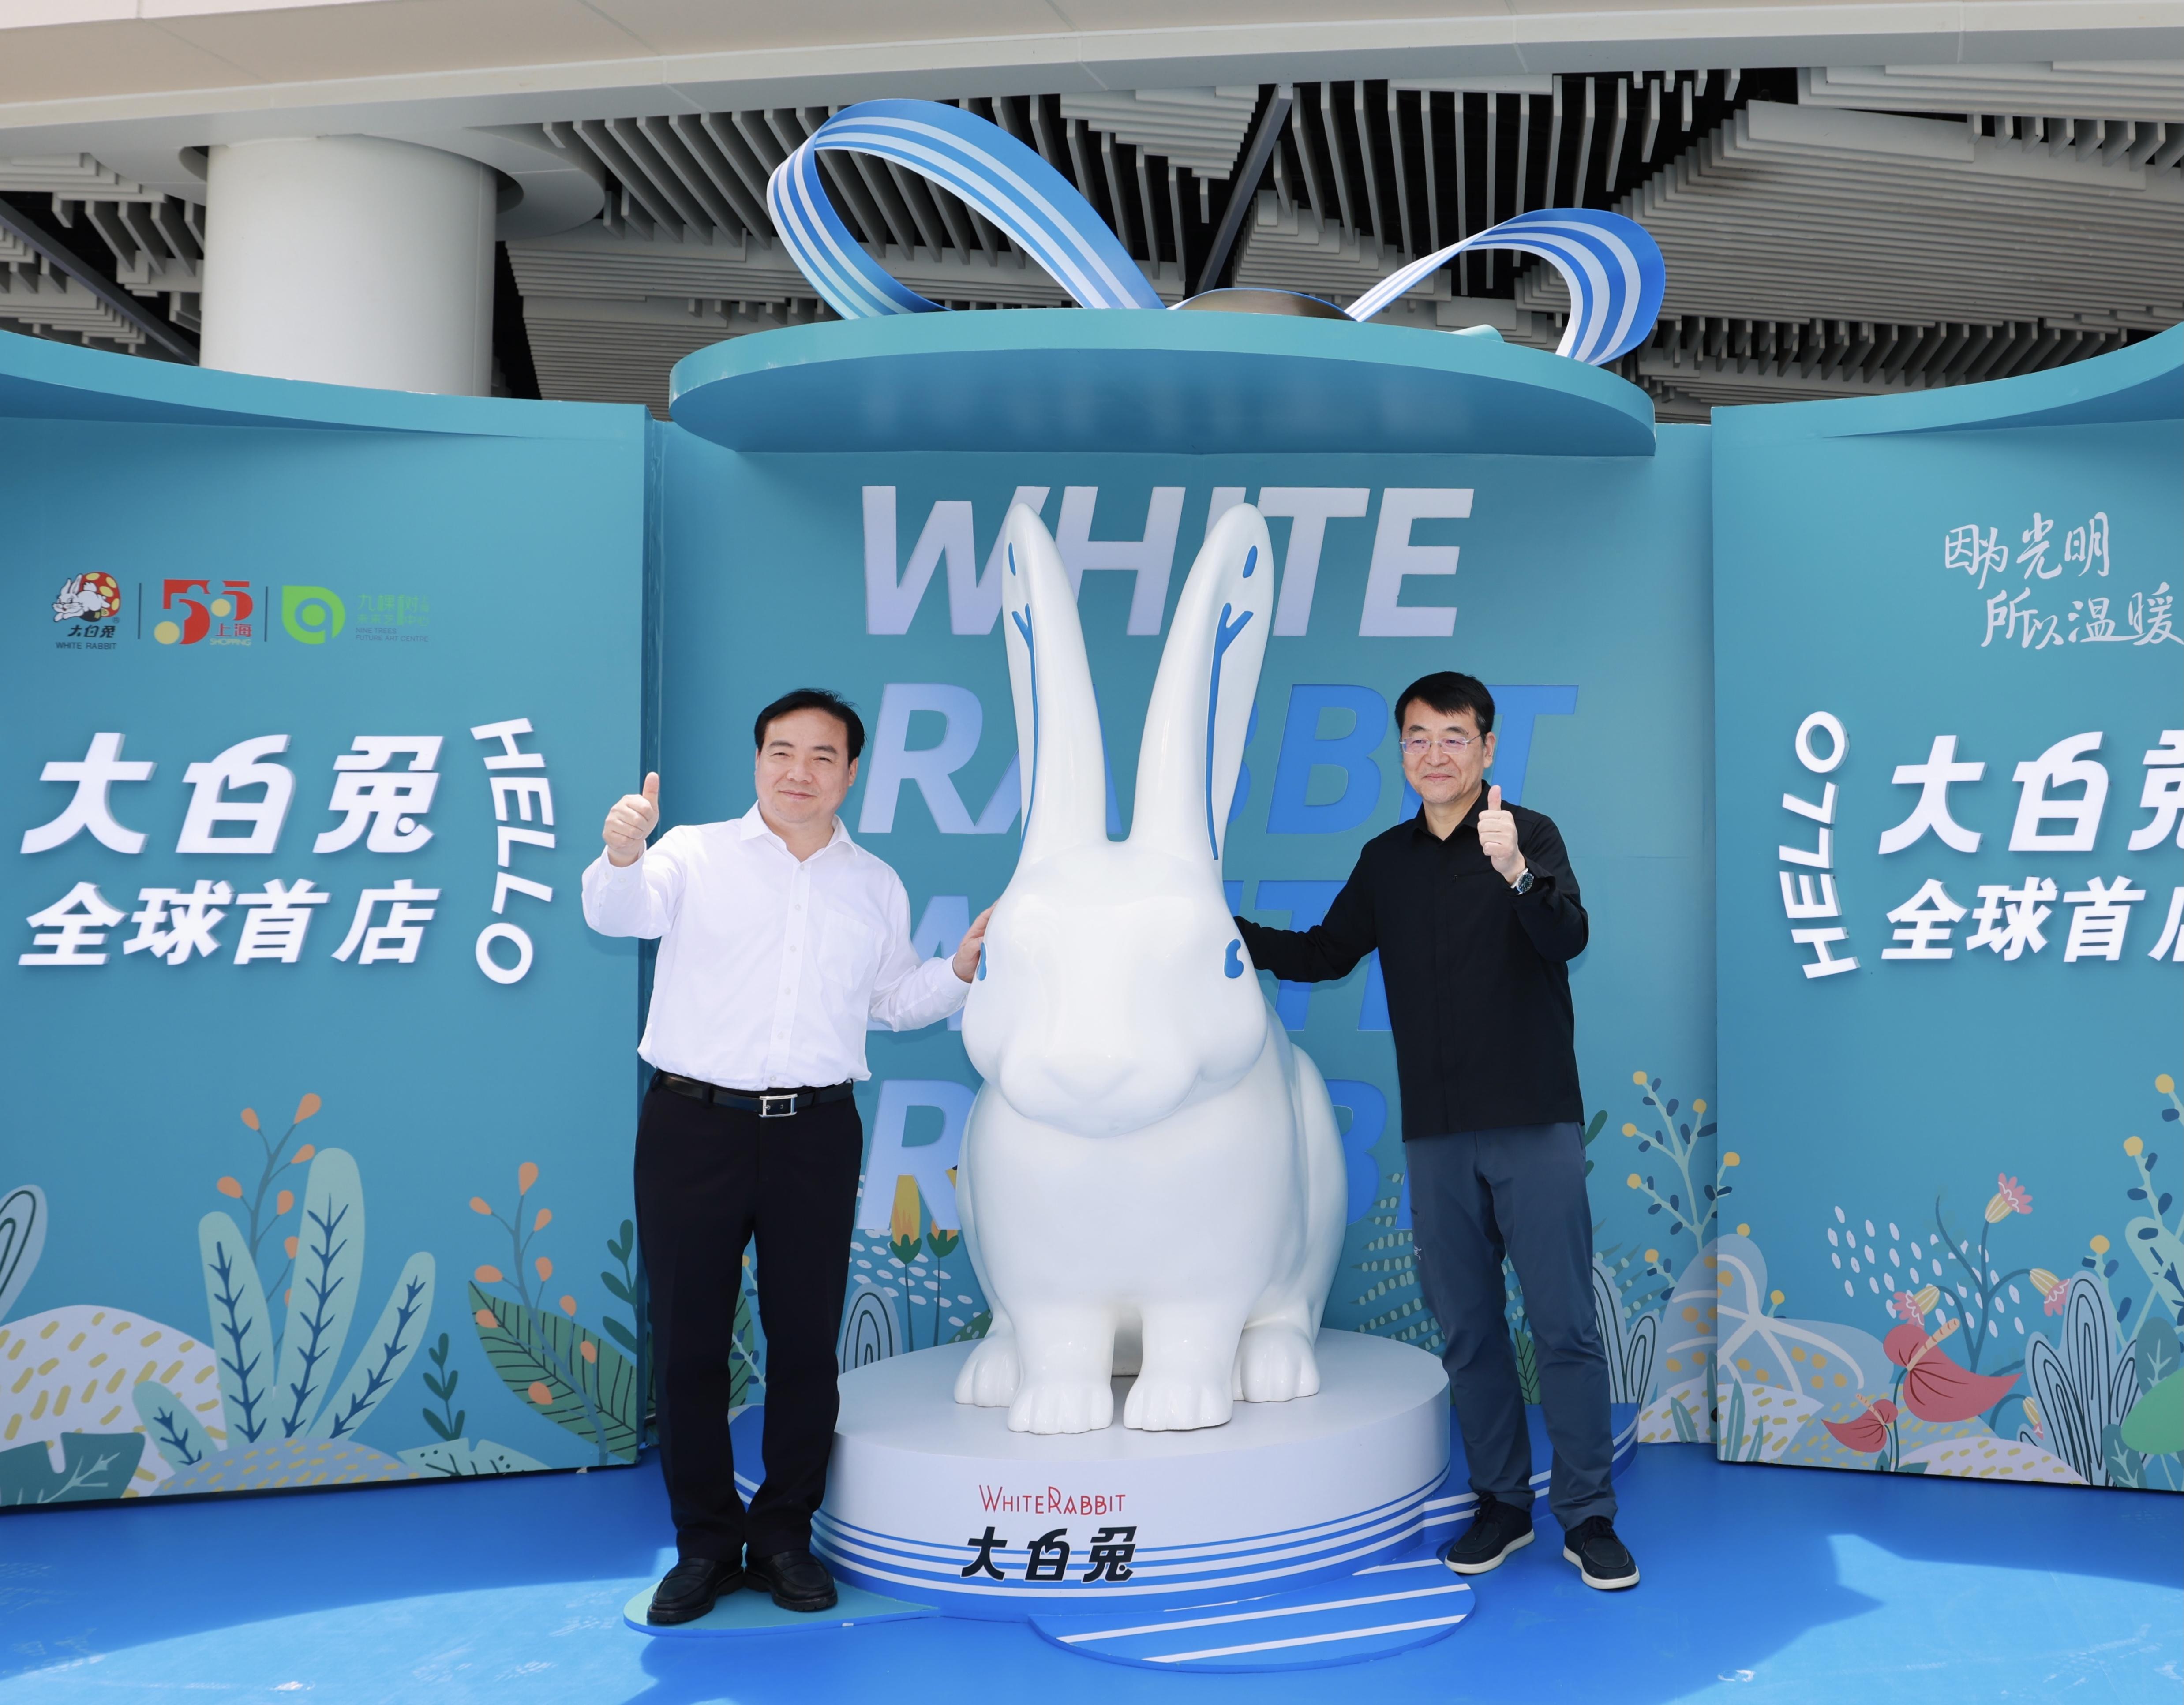 大白兔九棵树全球首店在奉贤起航